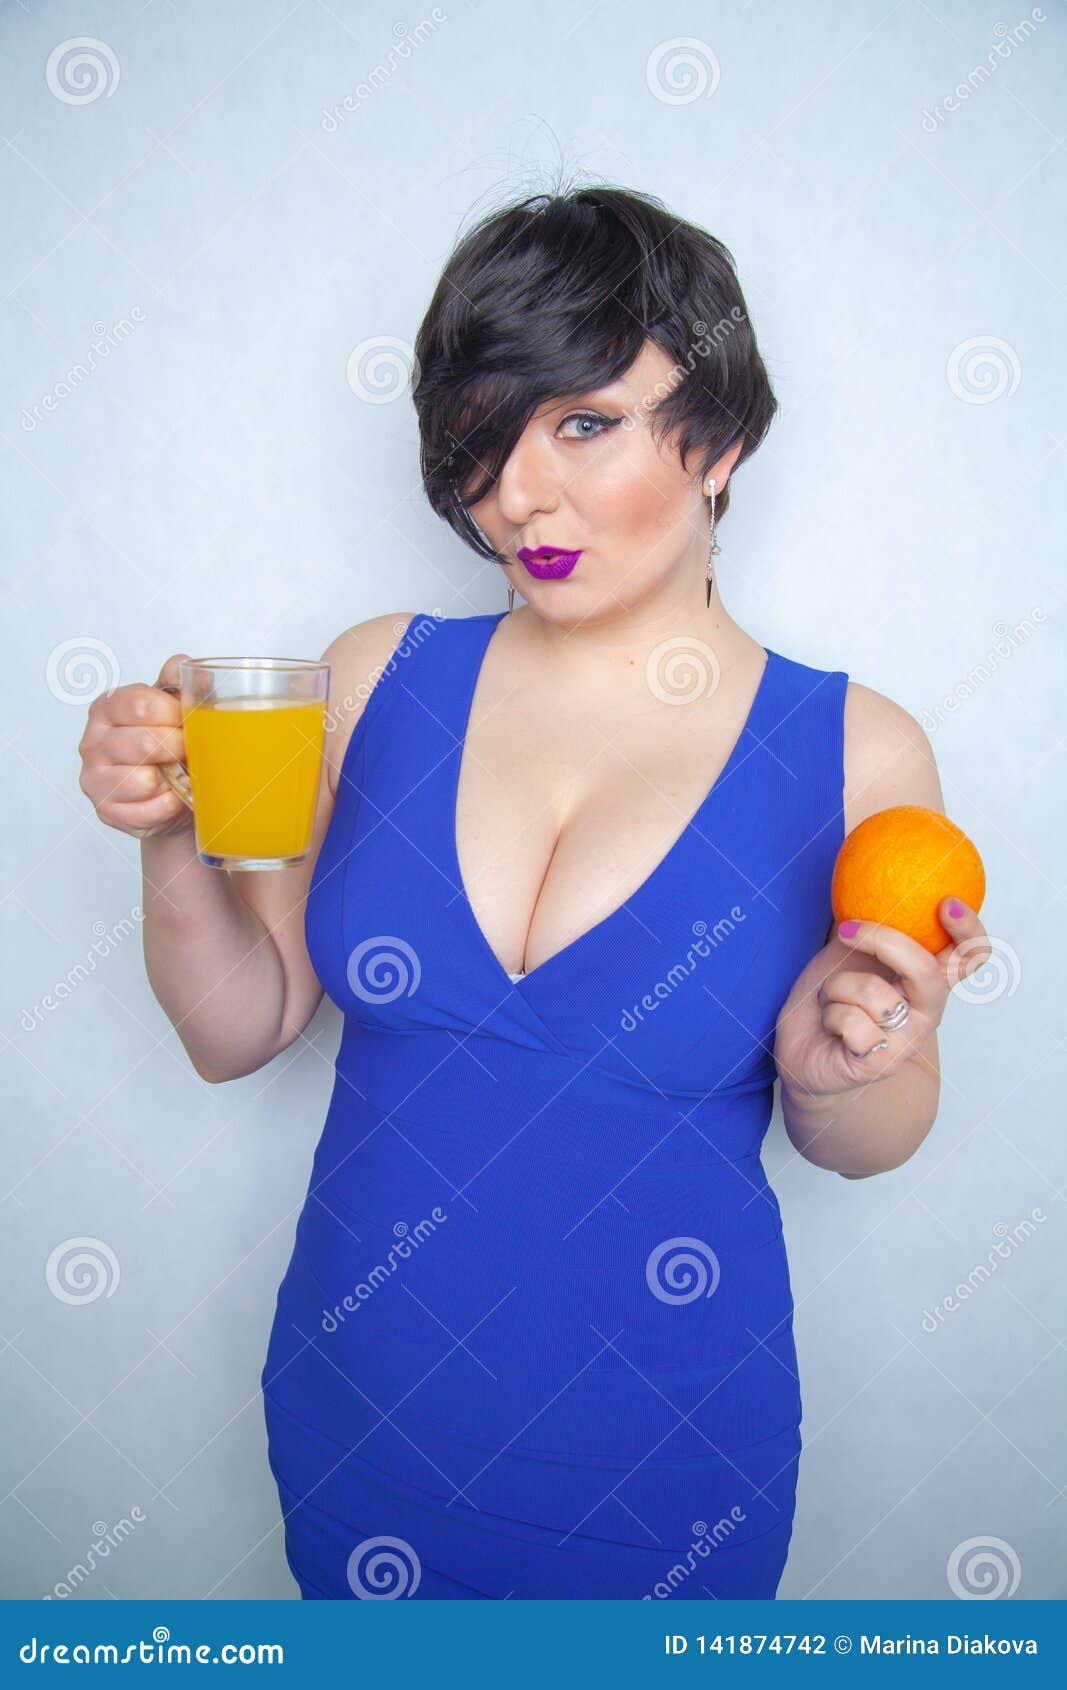 Jolie brune potelée avec un fruit orange dans sa main et avec la tasse en verre avec du jus sain se tenant dans la robe bleue sur